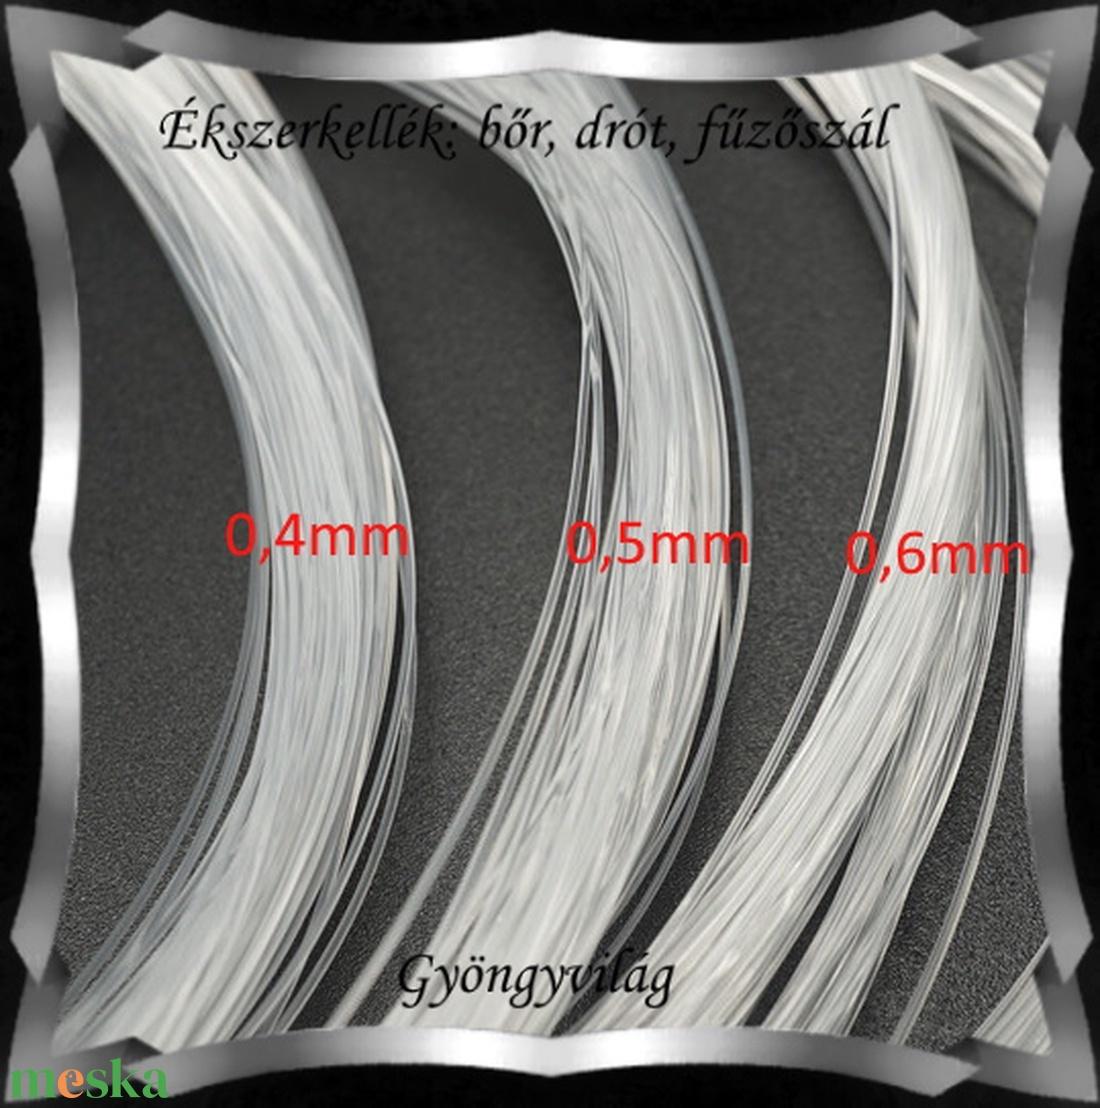 Ékszerkellék: drót, damil, fűzőszál. Merev damil FSZ06-1 több méretben - gyöngy, ékszerkellék - egyéb alkatrész - Meska.hu